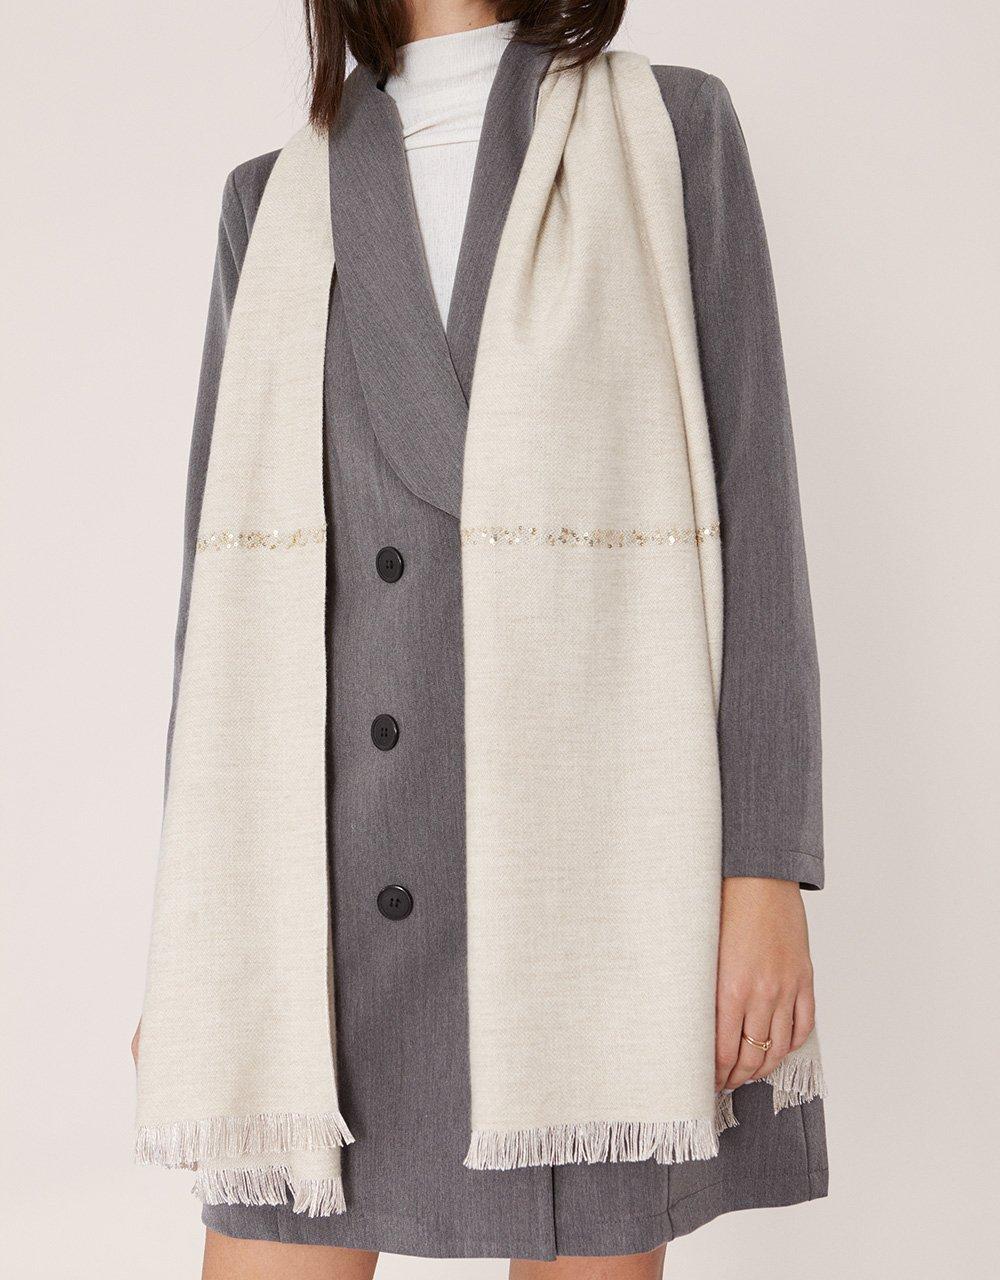 foulard16a